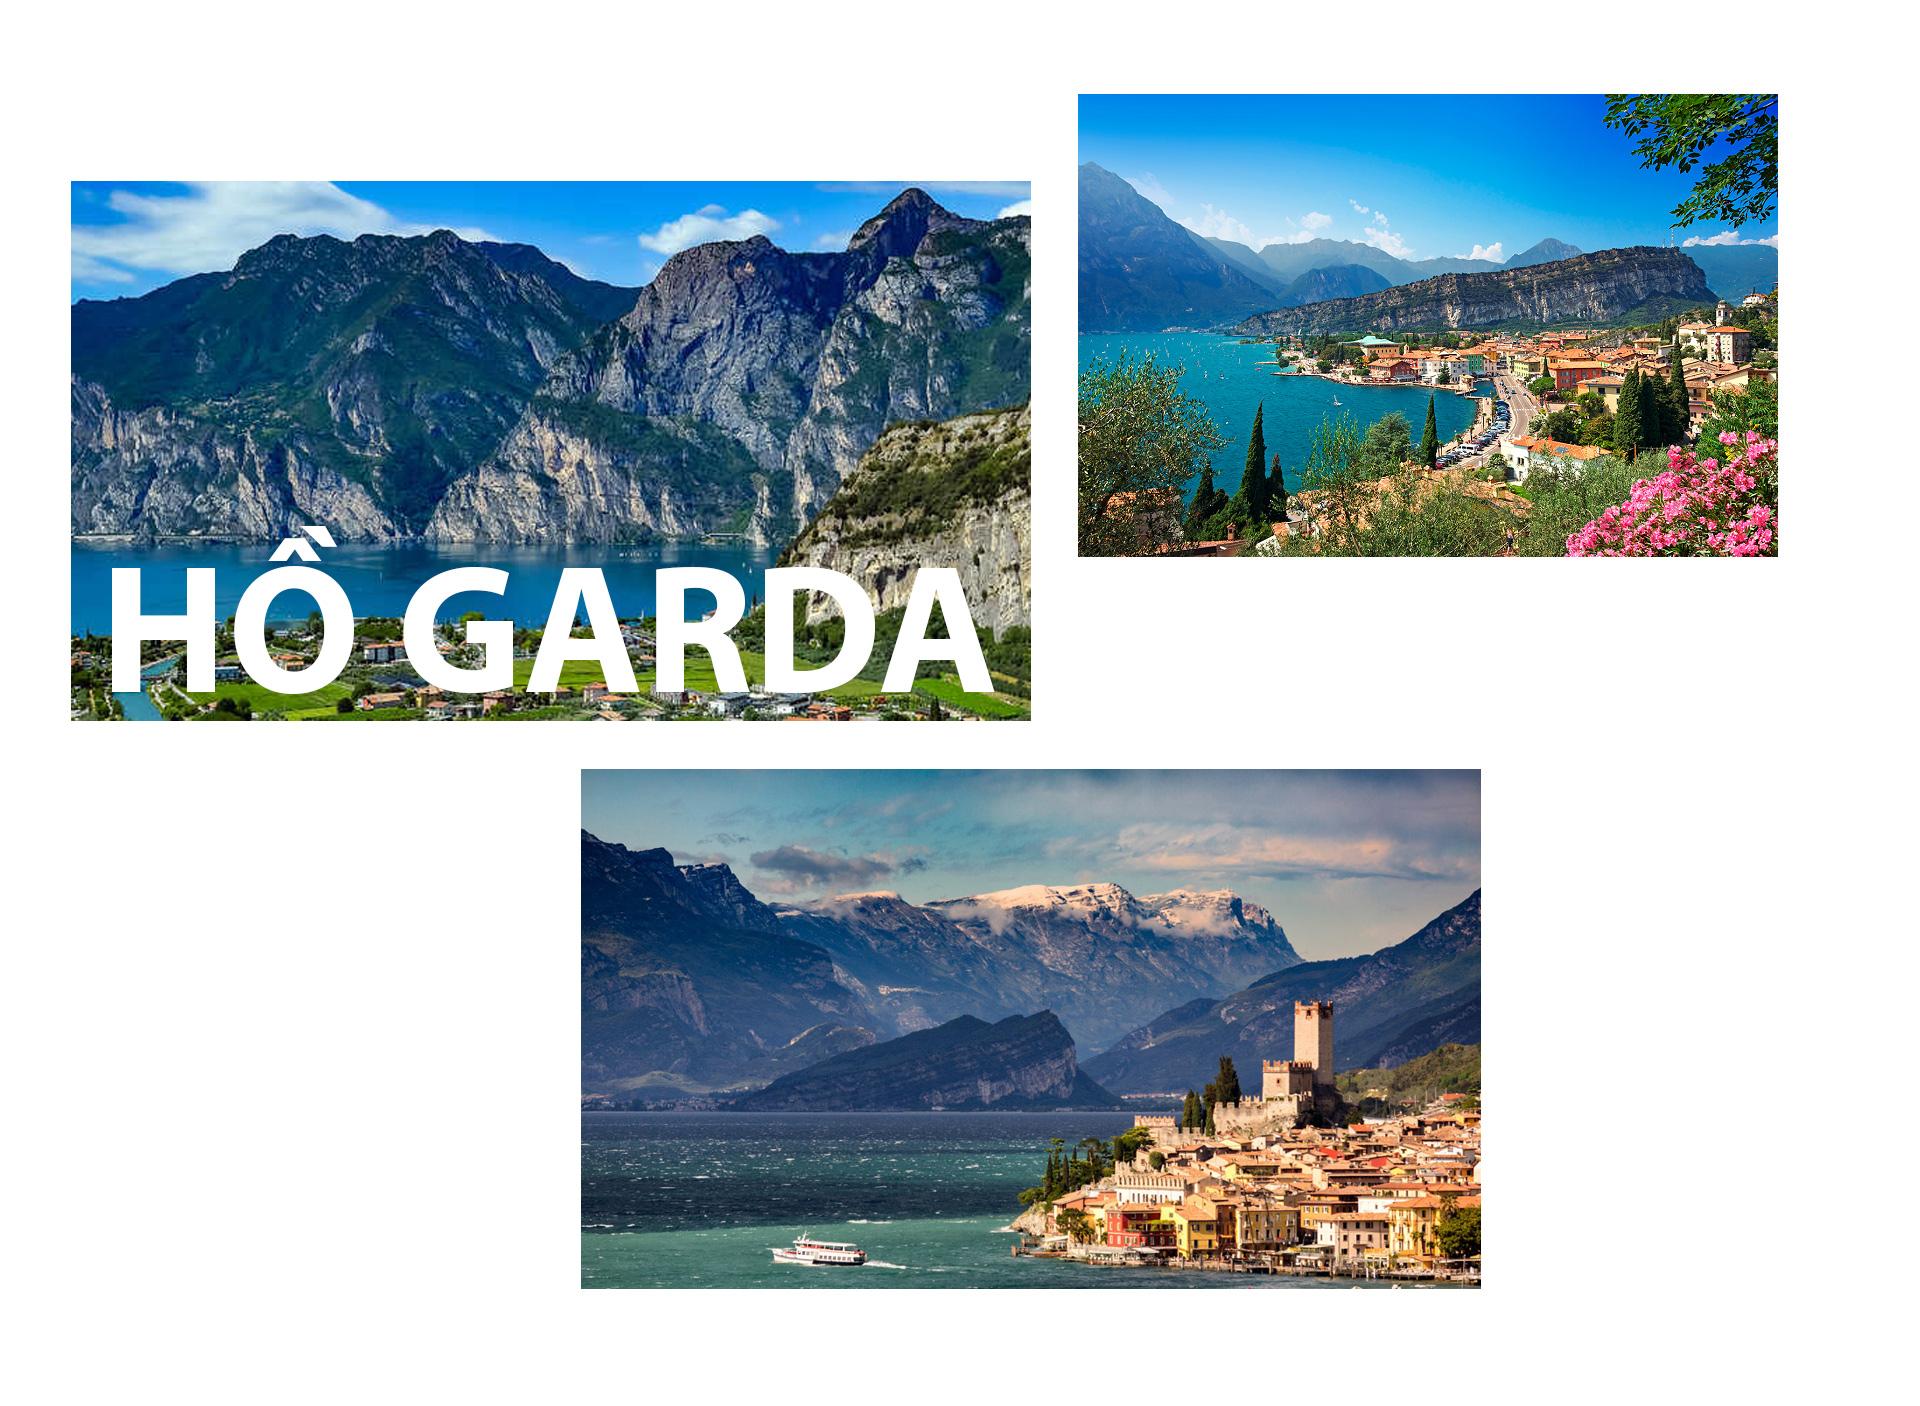 Những điểm đến tuyệt vời nhất nước Ý bạn nên đến 1 lần trong đời - 4